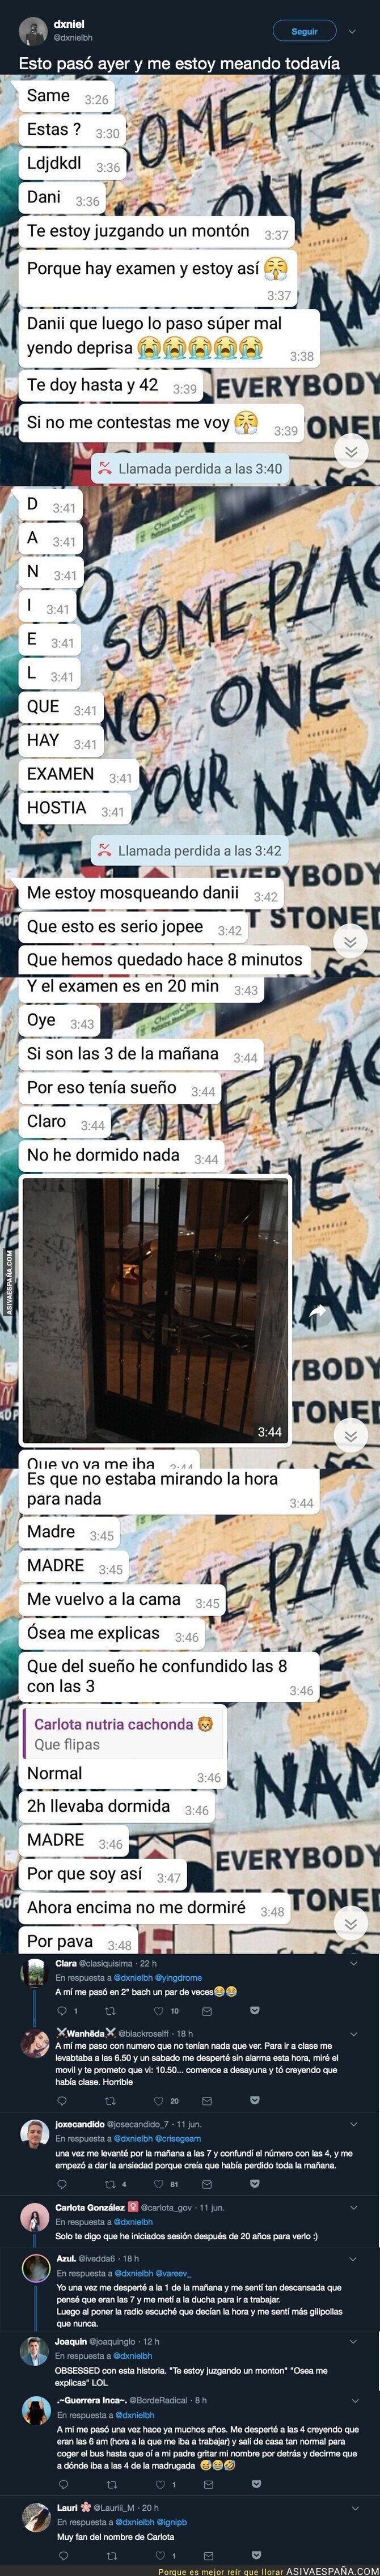 114150 - Esta estudiante la lía parda al confundirse de la hora para el examen y estos mensajes le mandó a su compañero